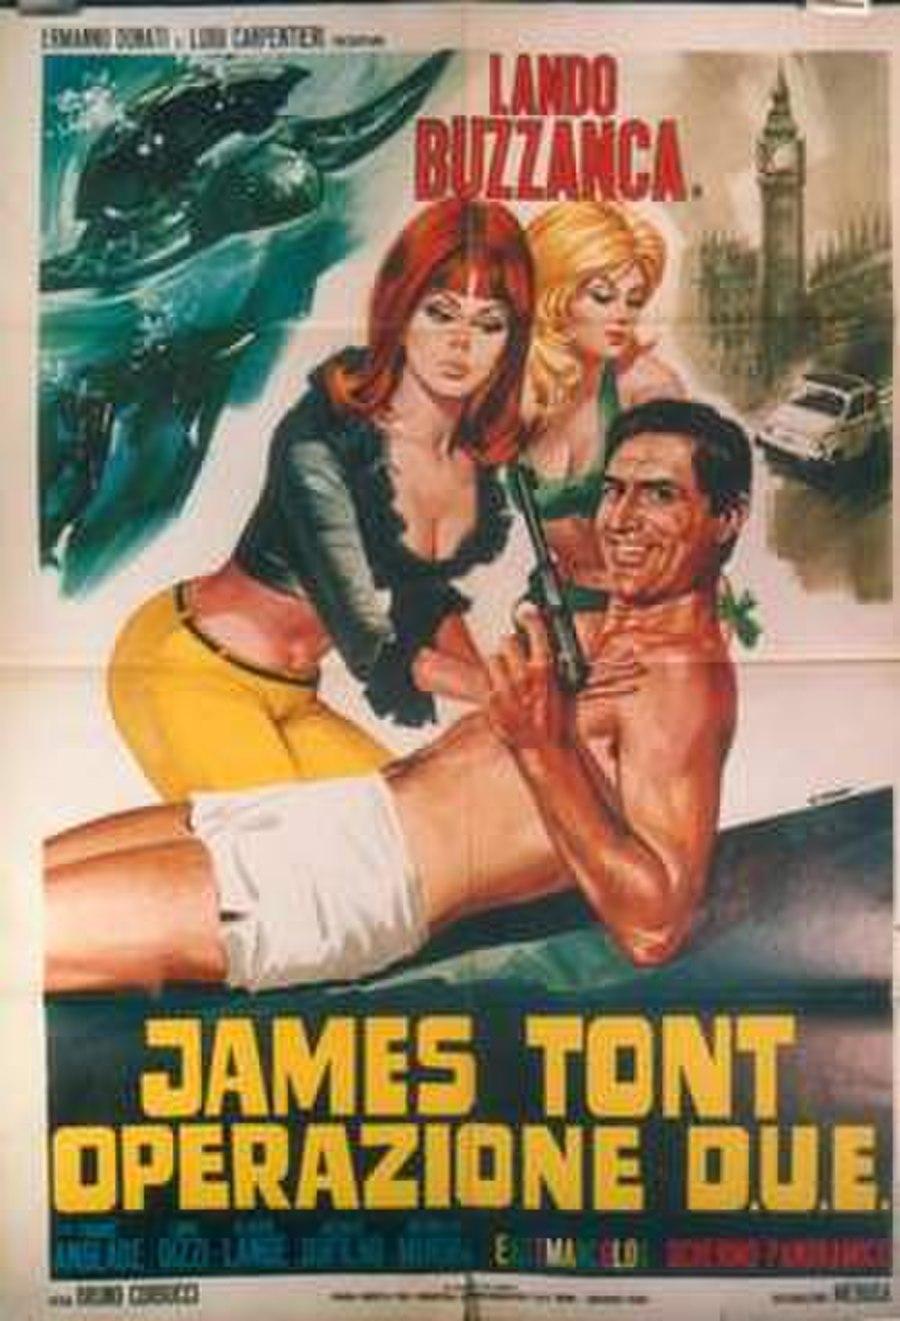 James Tont operazione D.U.E.